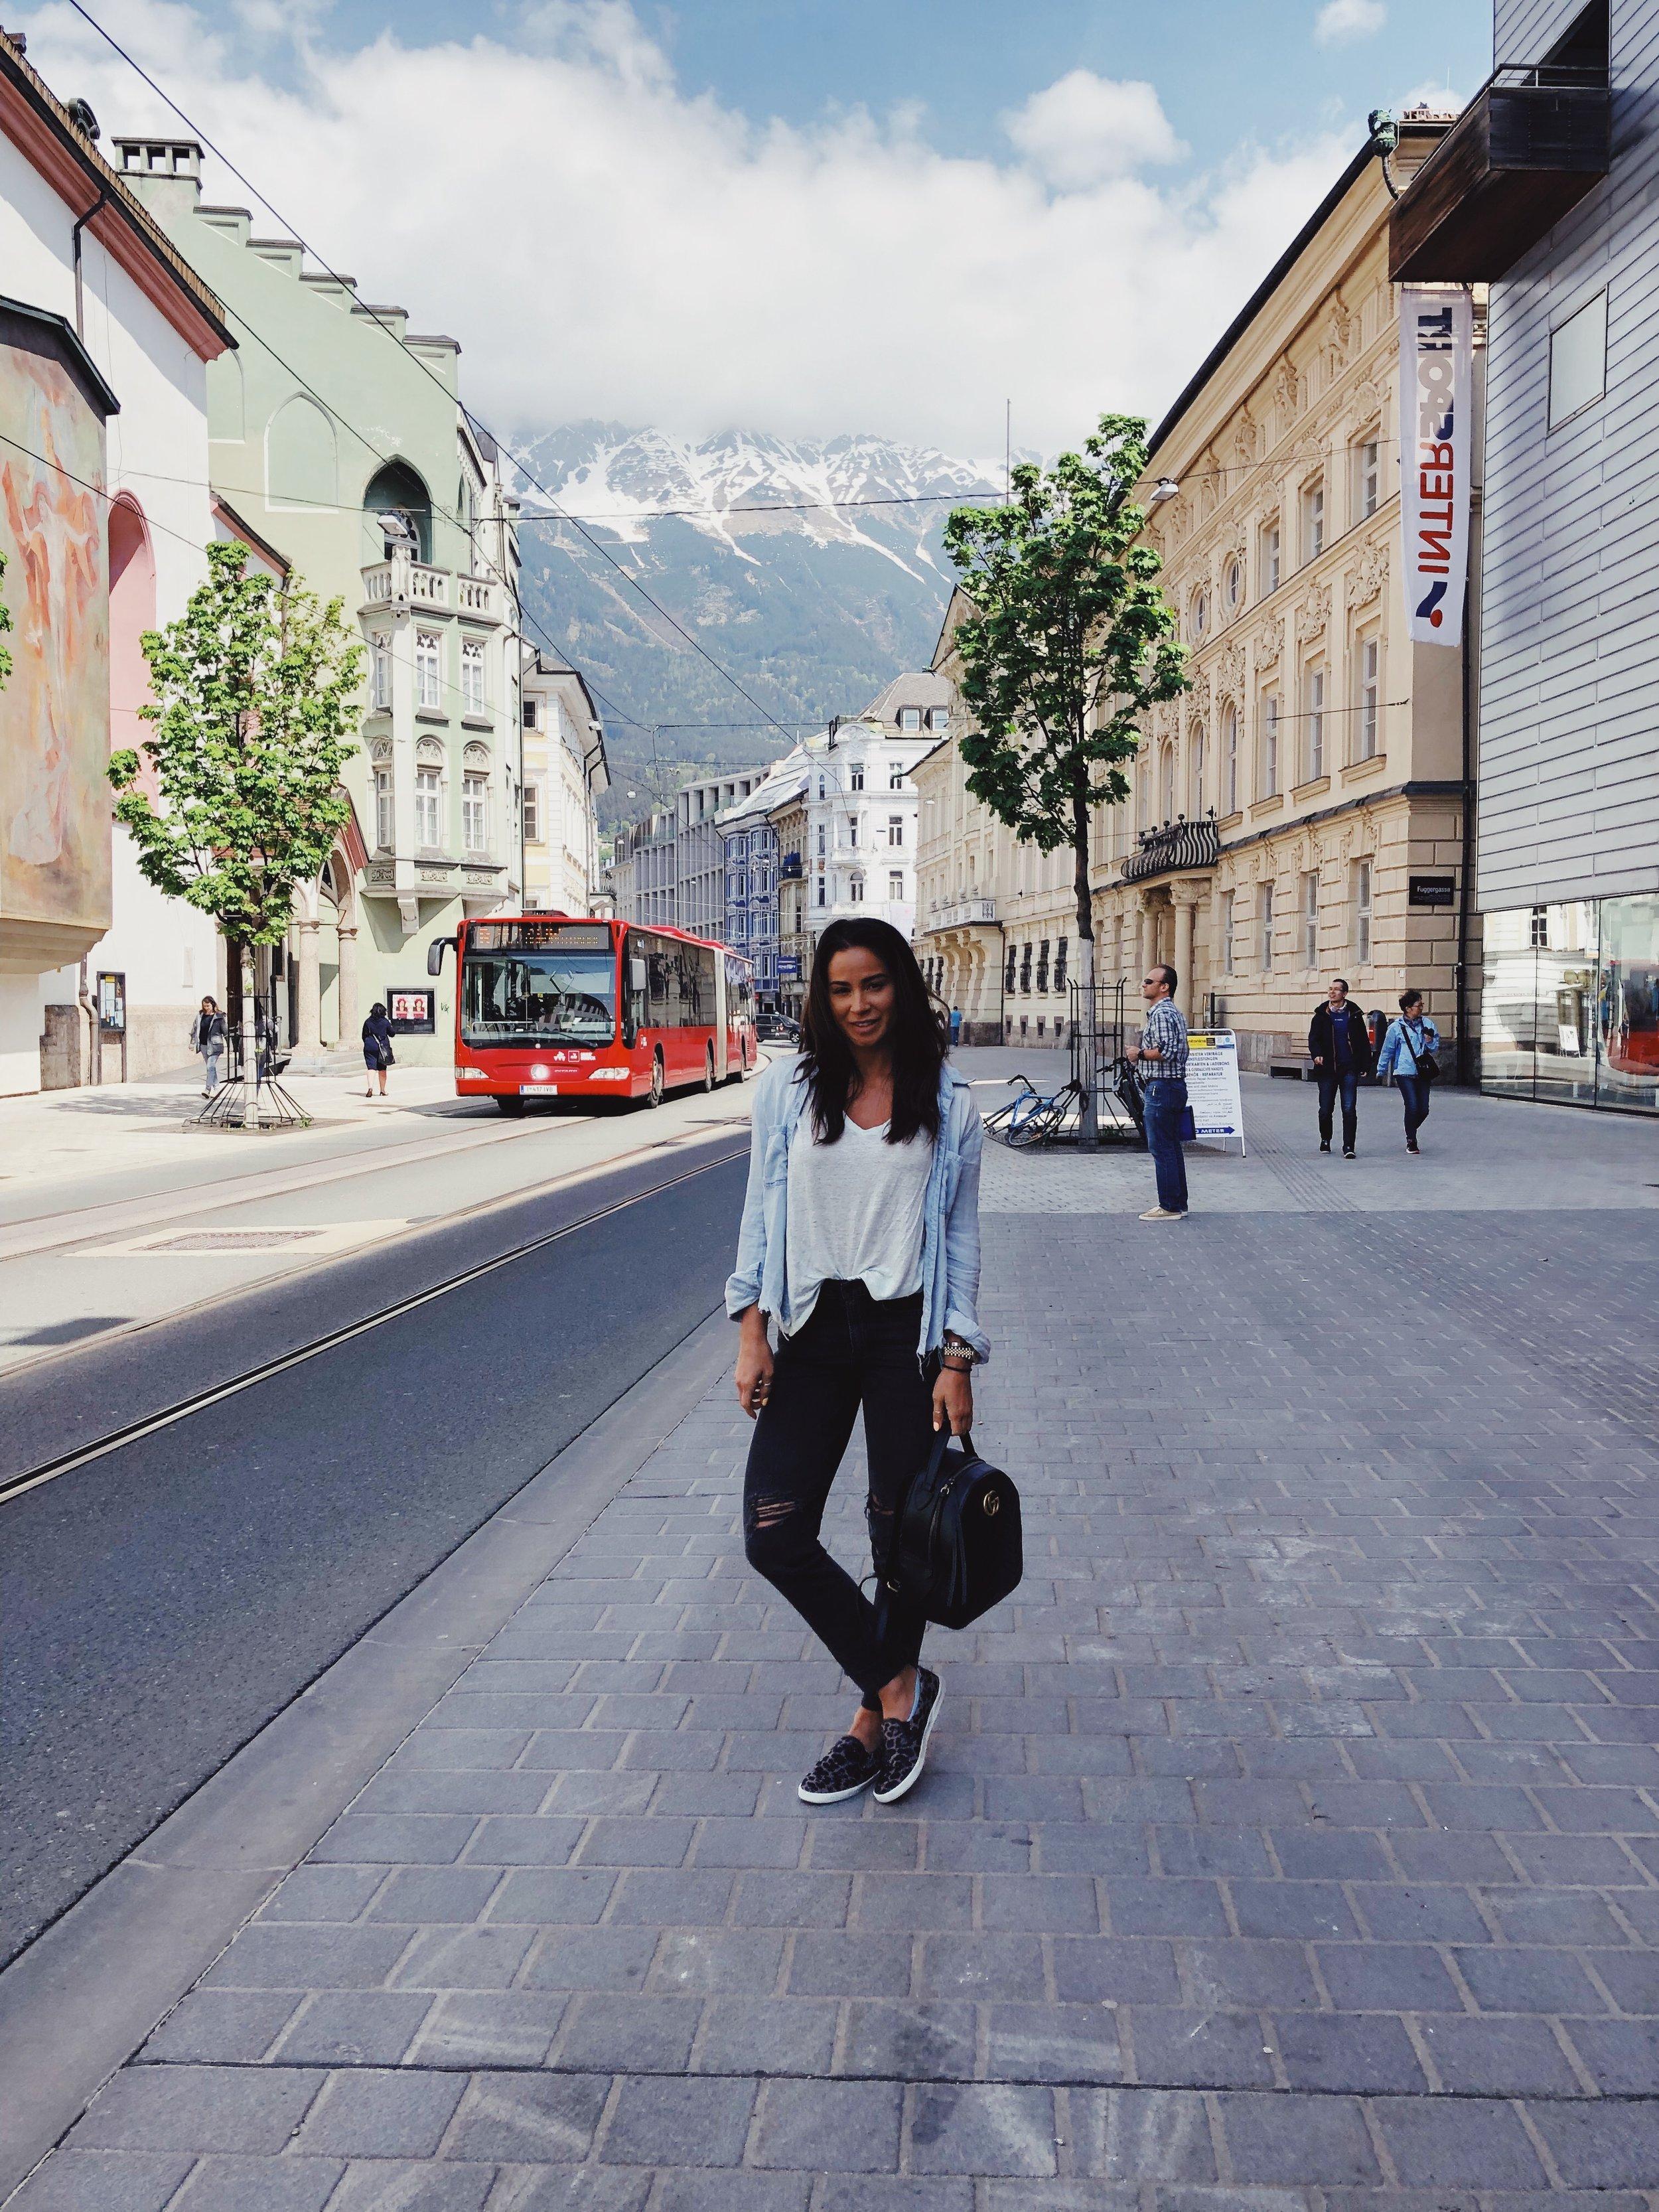 Post breakfast in Innsbruck